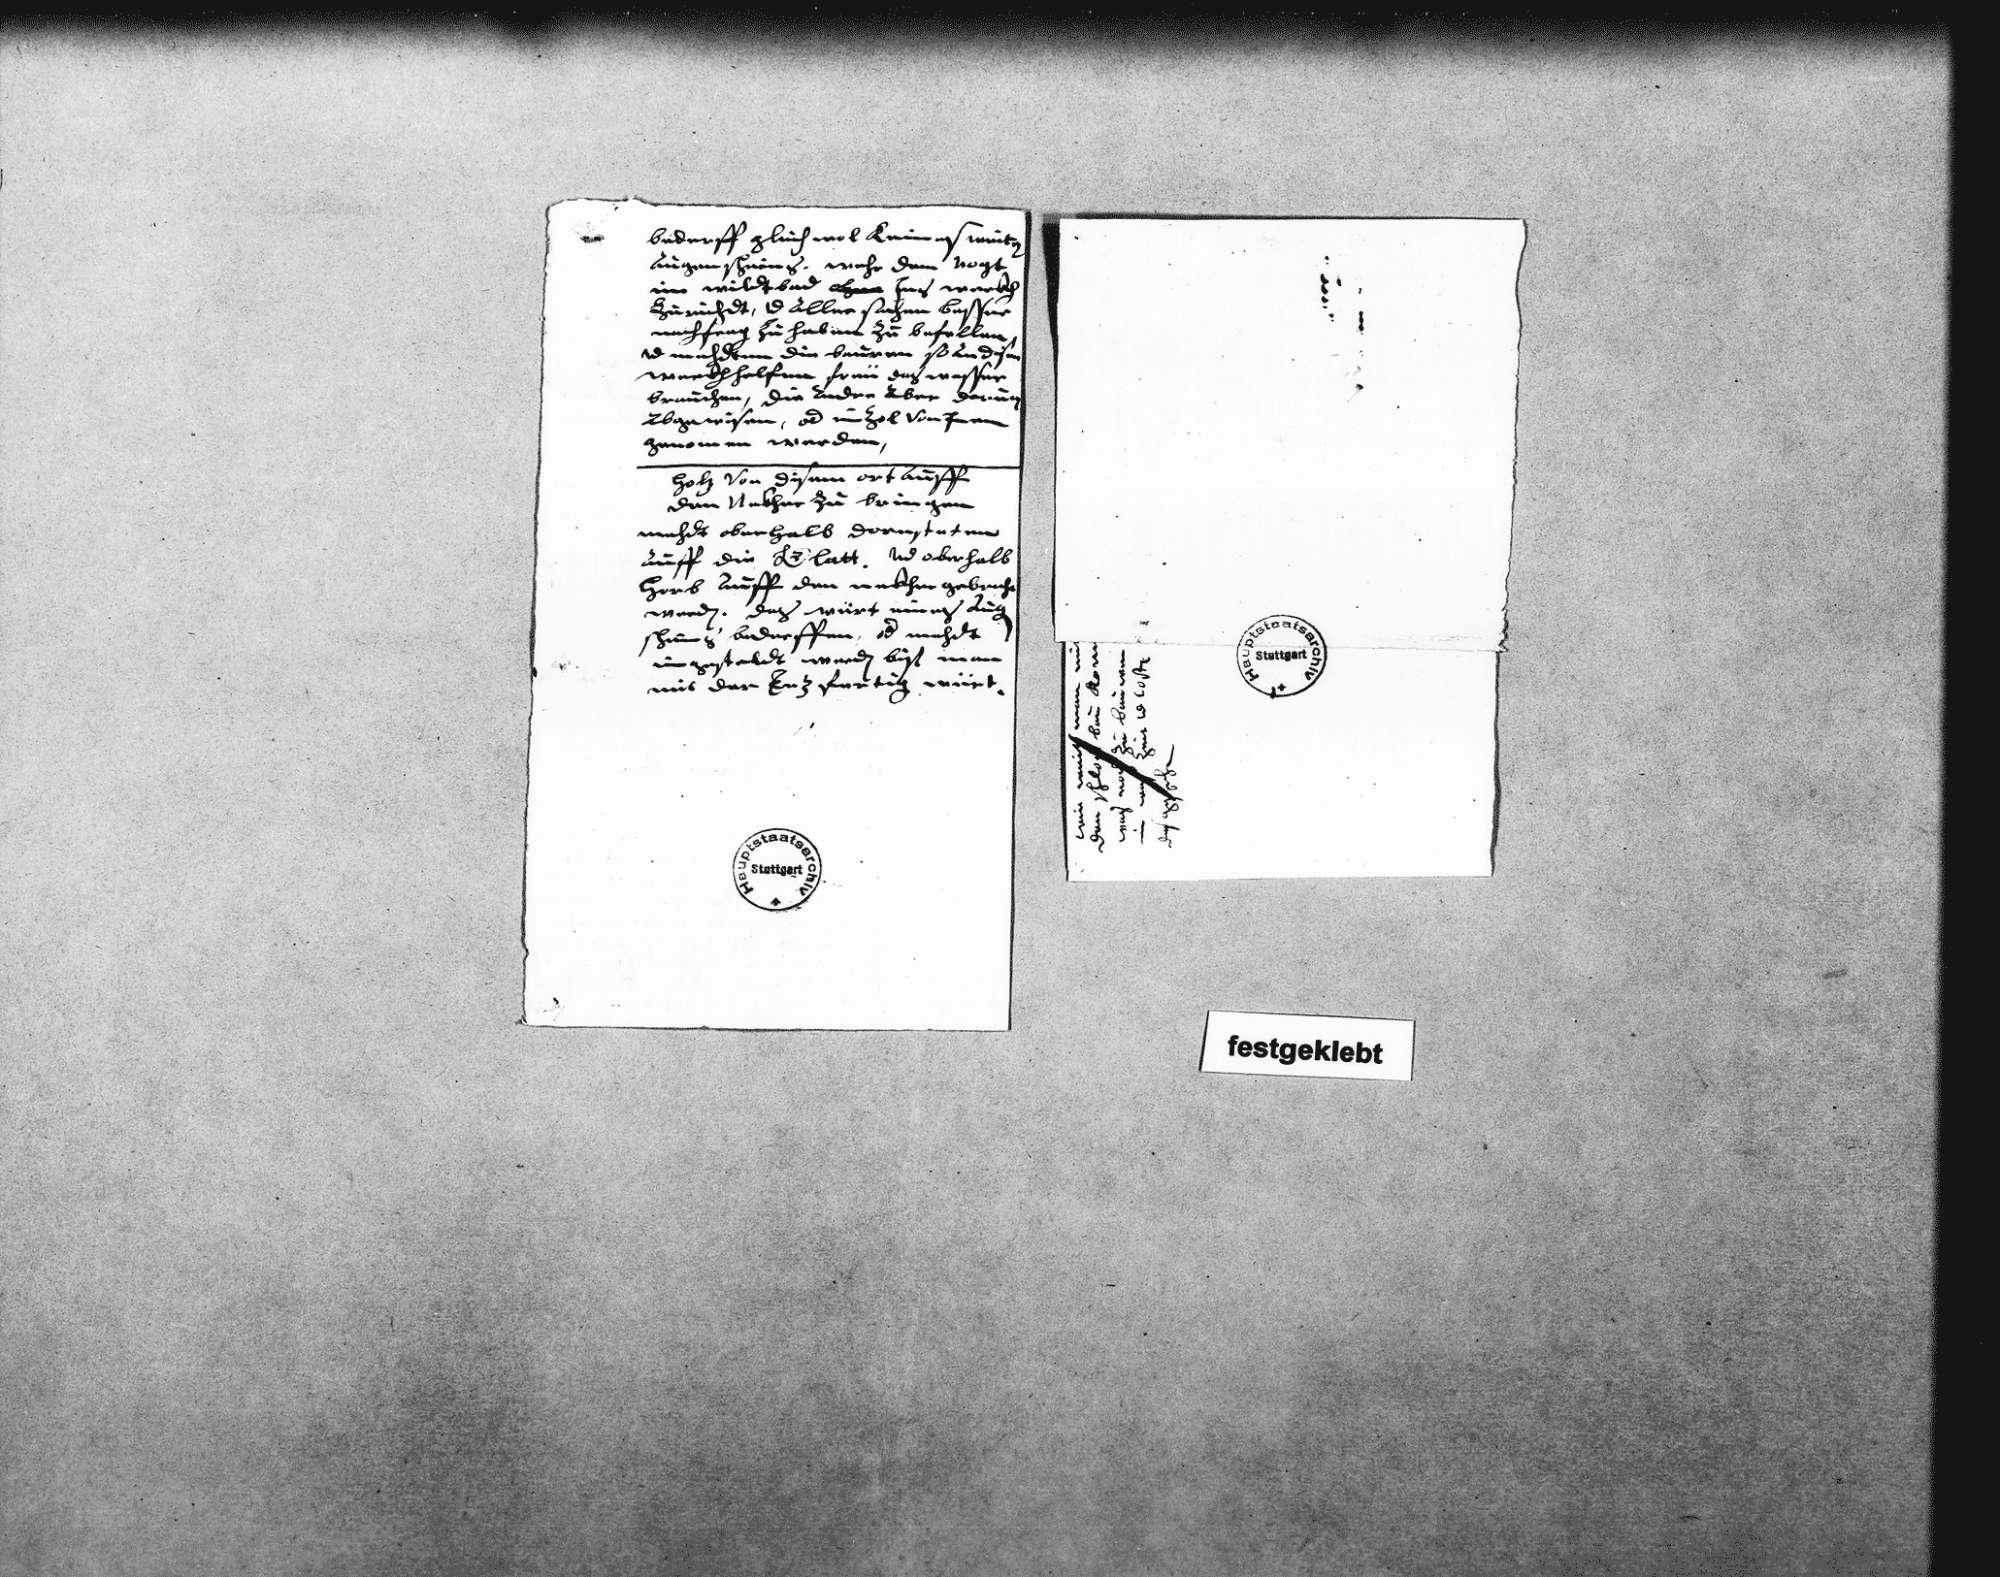 Notizen Schickhardts über das Flößen von Holz auf der Enz, Holz aus Schöllkopf und dem Steinwald zu flößen auf der Lauter unter Freudenstadt bis zum Neckar bei Nürtingen; Flößen auf der kleinen Enz, bei Enzklösterle und bei Enzweihingen; mit Bemerkungen über die Vorteile des Flößens gegenüber den Fuhren (2 Folio, 3 Quart, 2 Oktav, teilweise zusammengeklebt), Bild 3